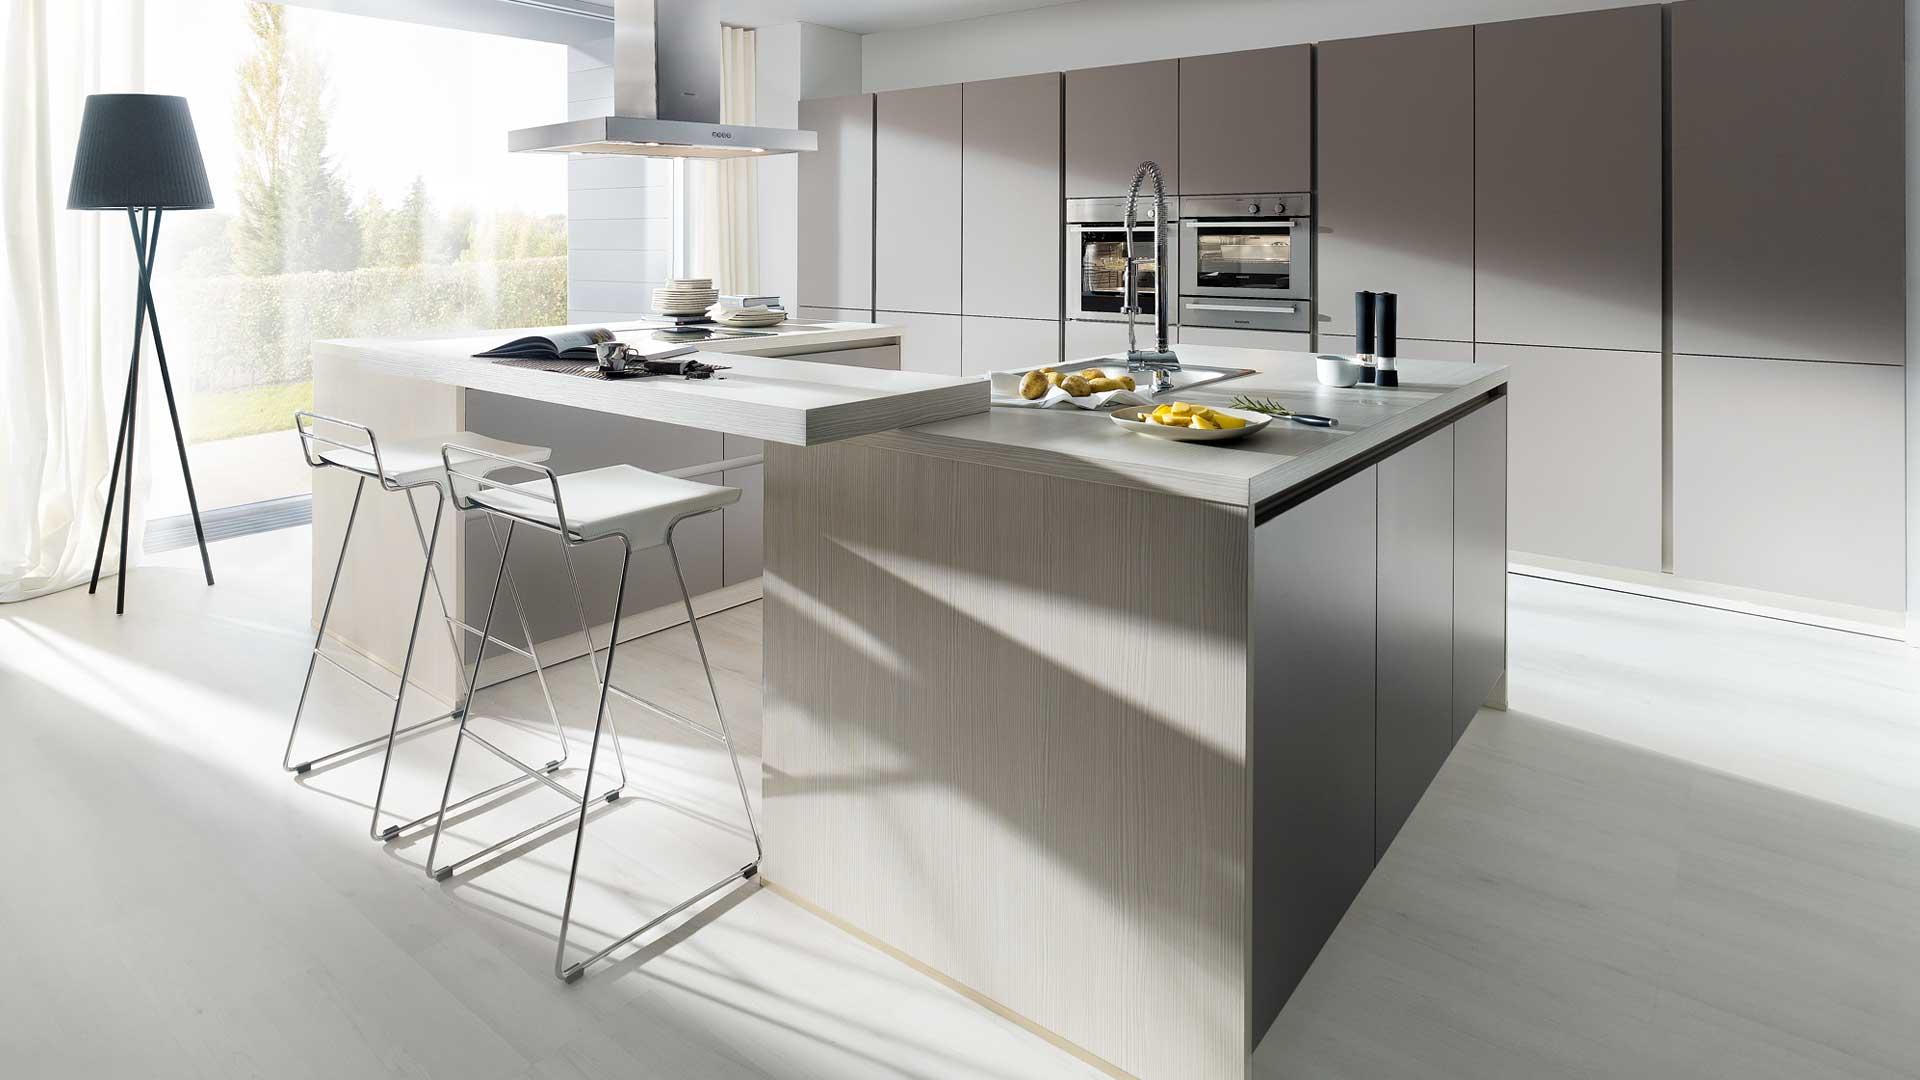 k chen iserlohn tische f r die k che. Black Bedroom Furniture Sets. Home Design Ideas